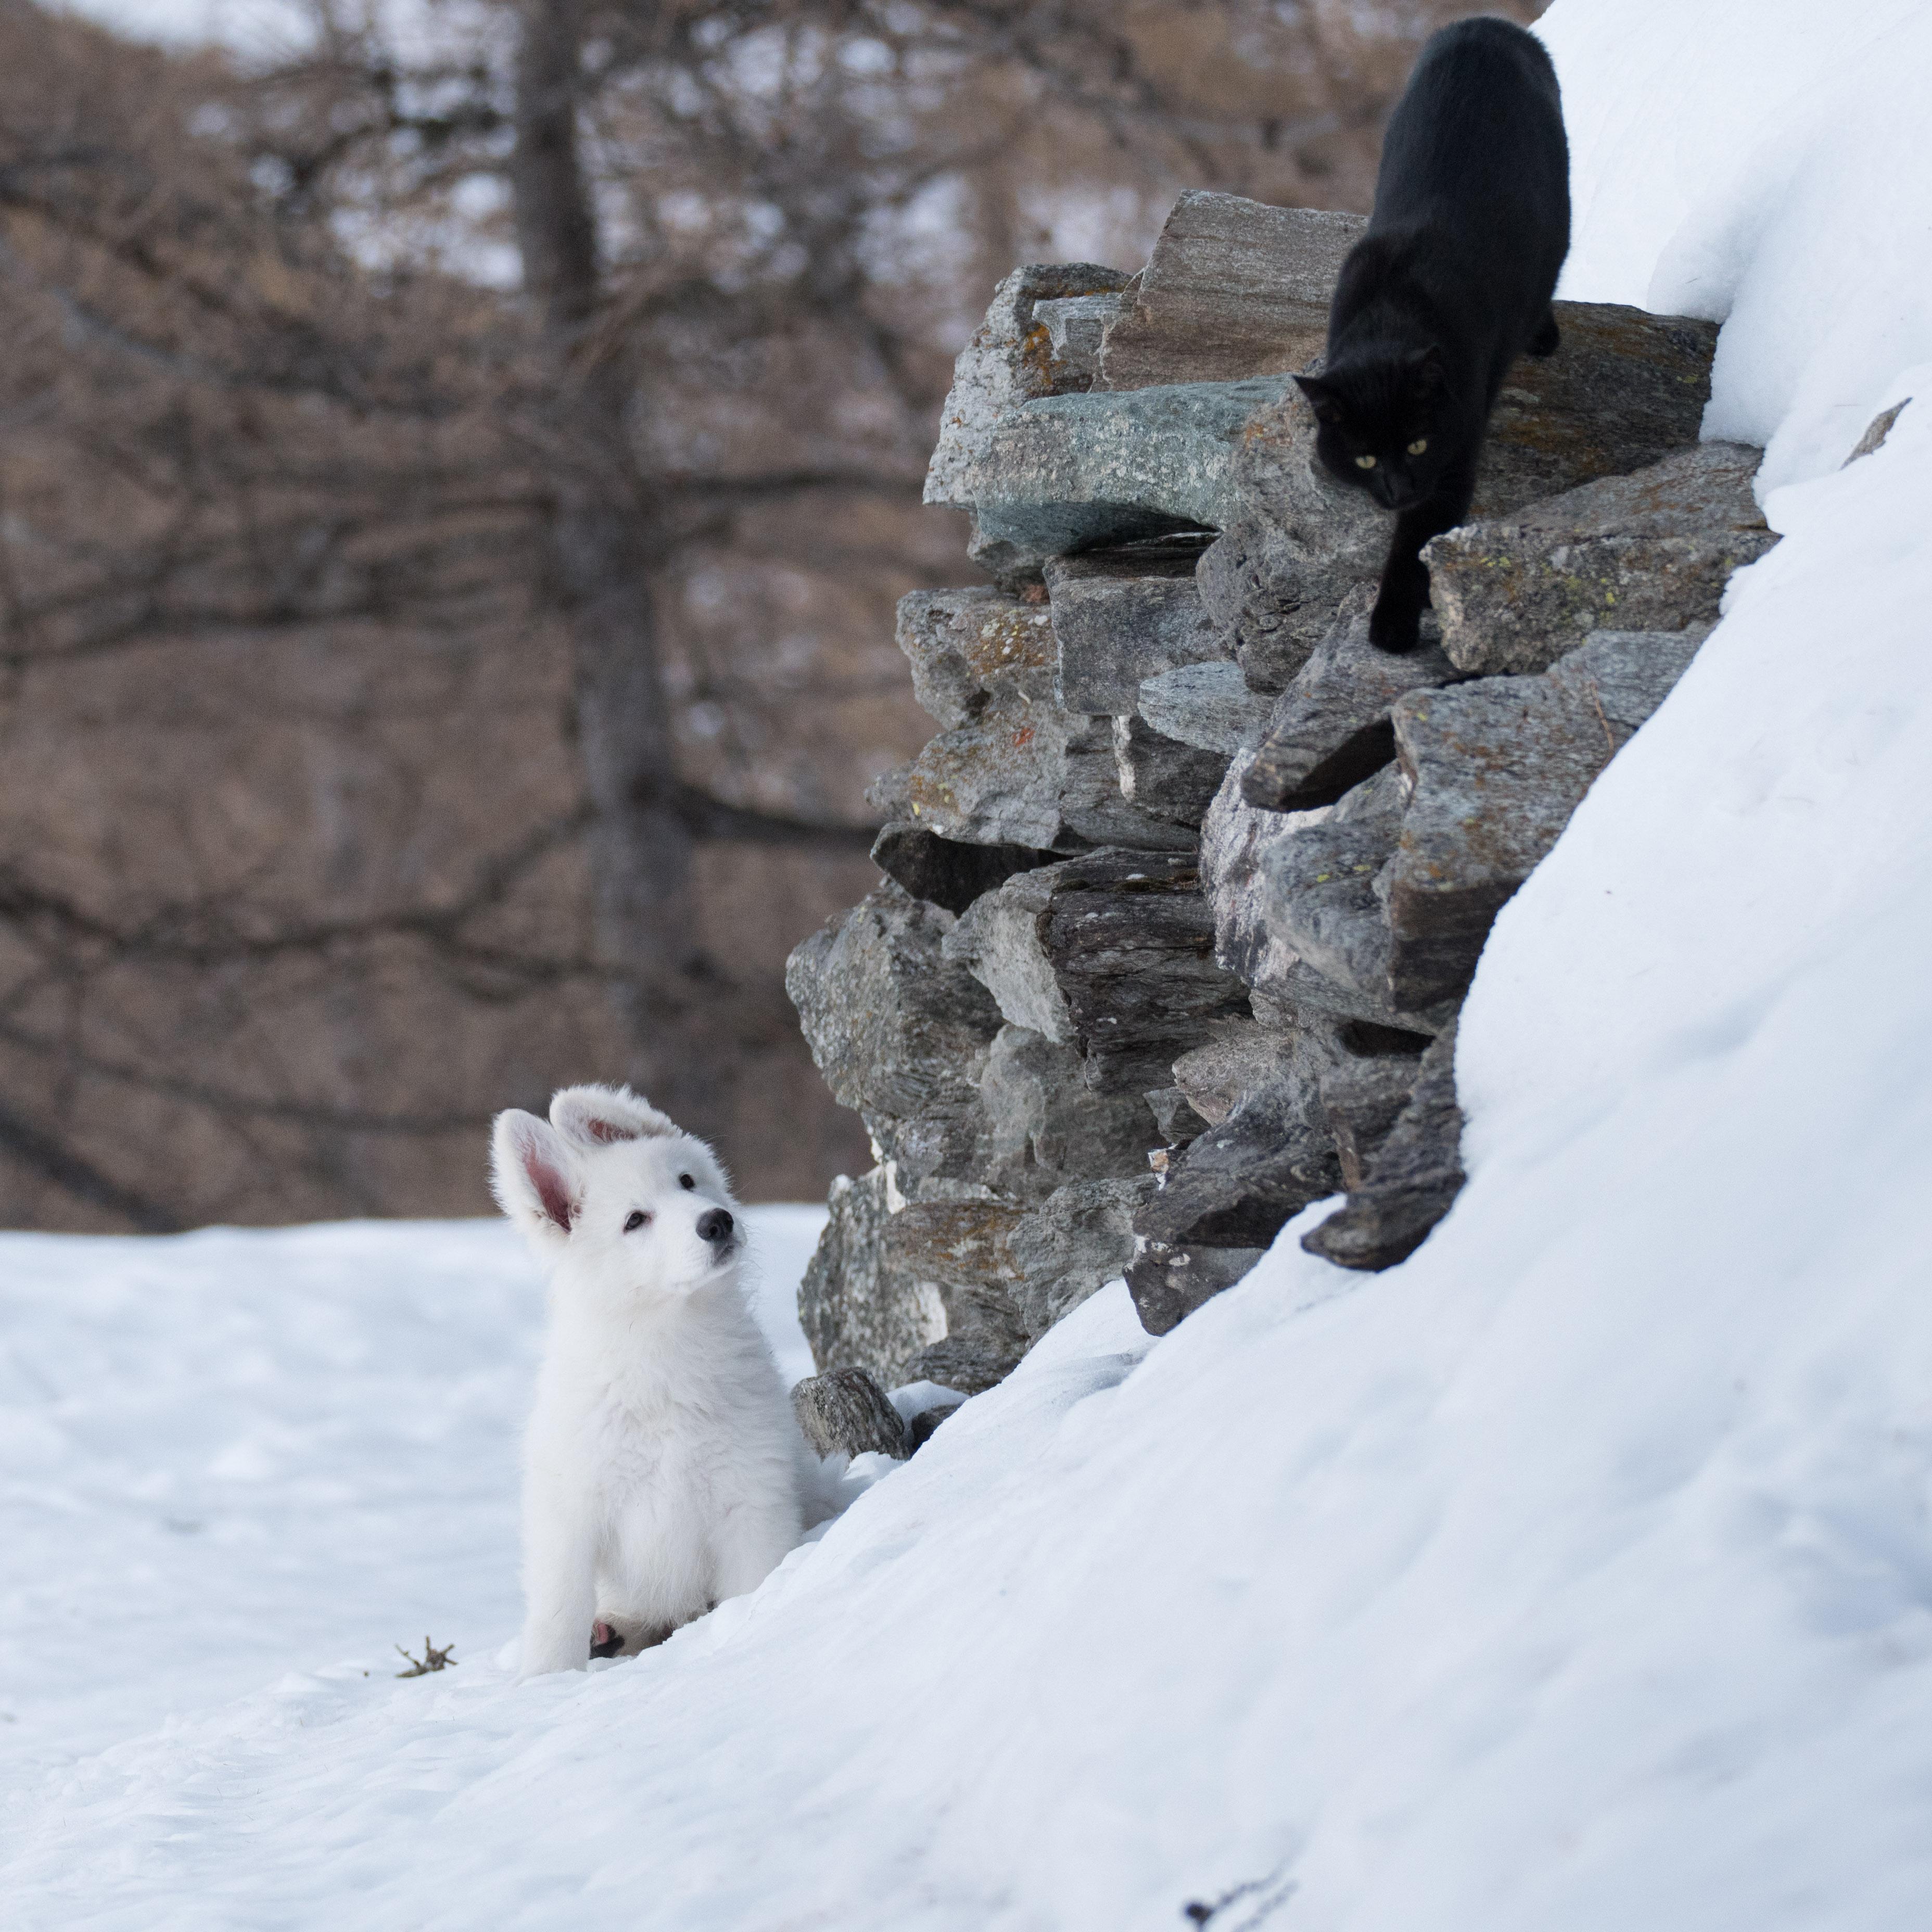 questo gatto cosa fa?